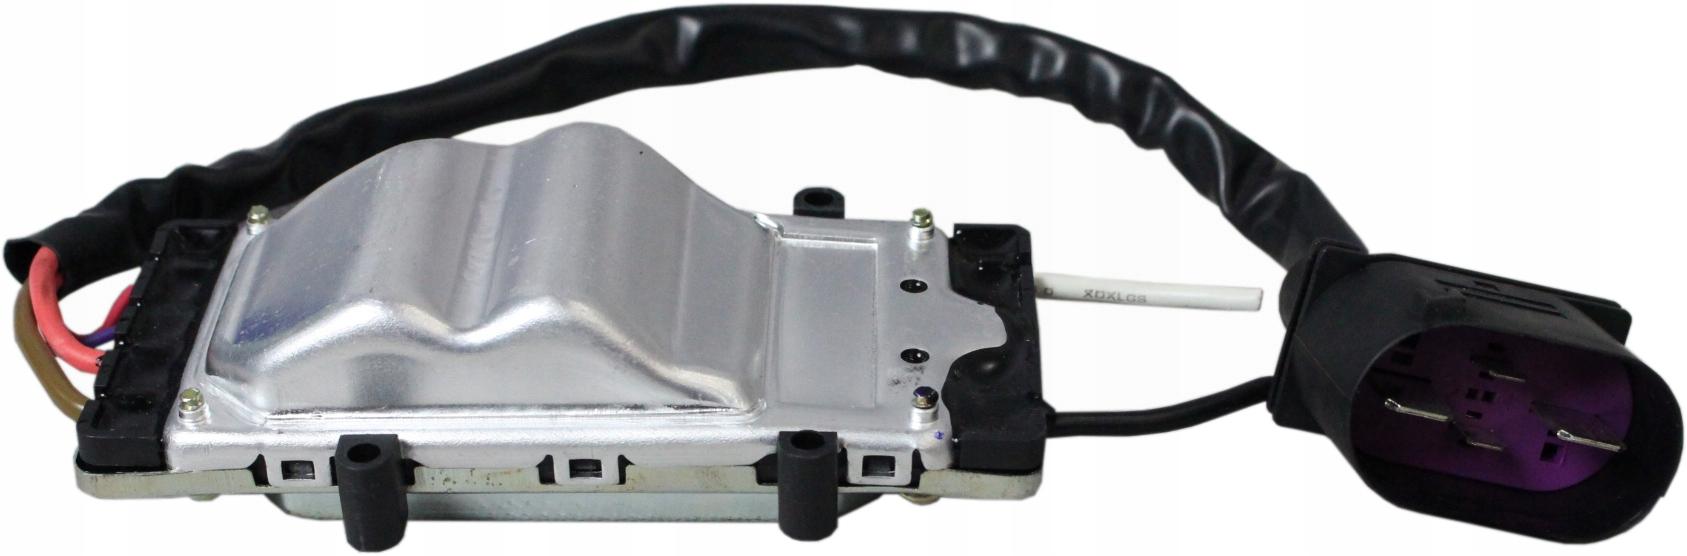 audi a6 04-11 модуль управляющий вентилятора правый